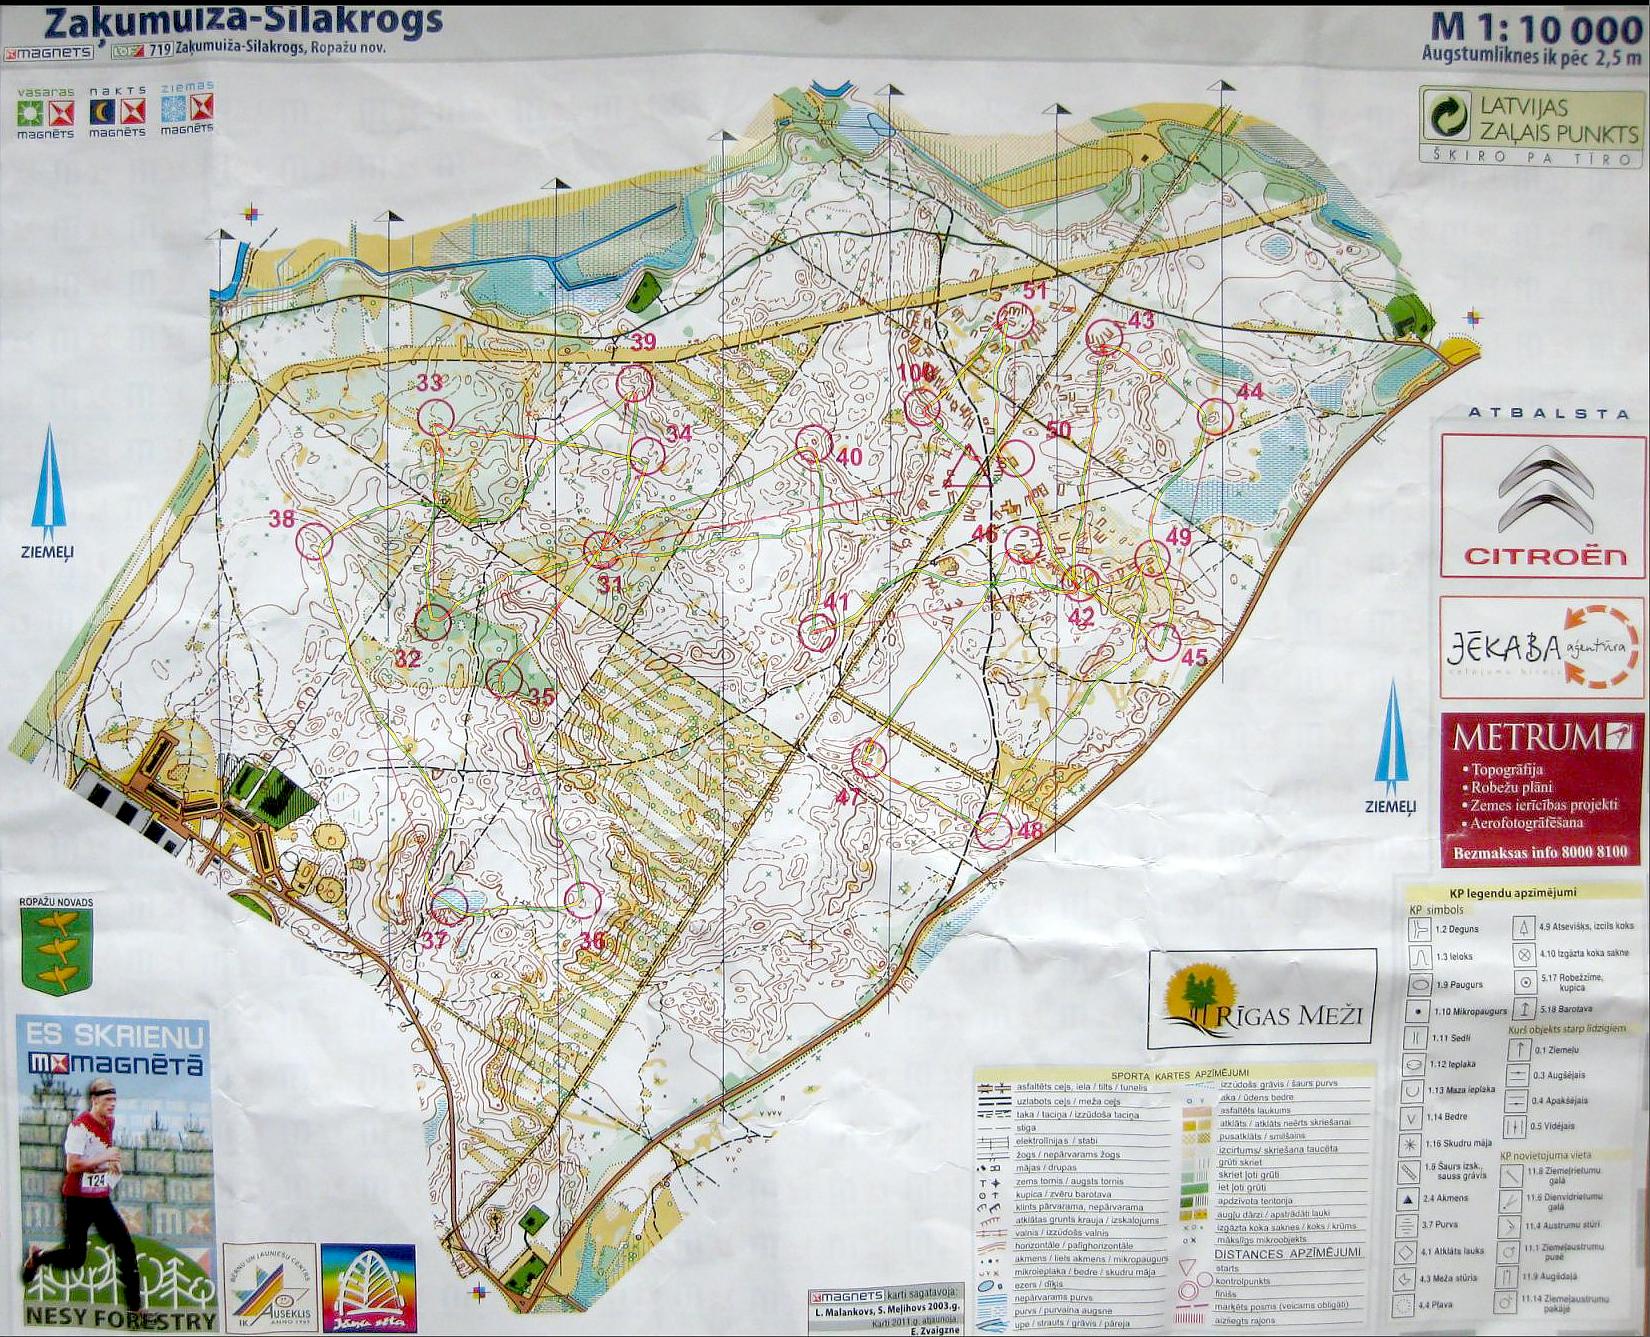 Orientēšanās karte Silakrogs Zaķumuiža mērogs 1:10000